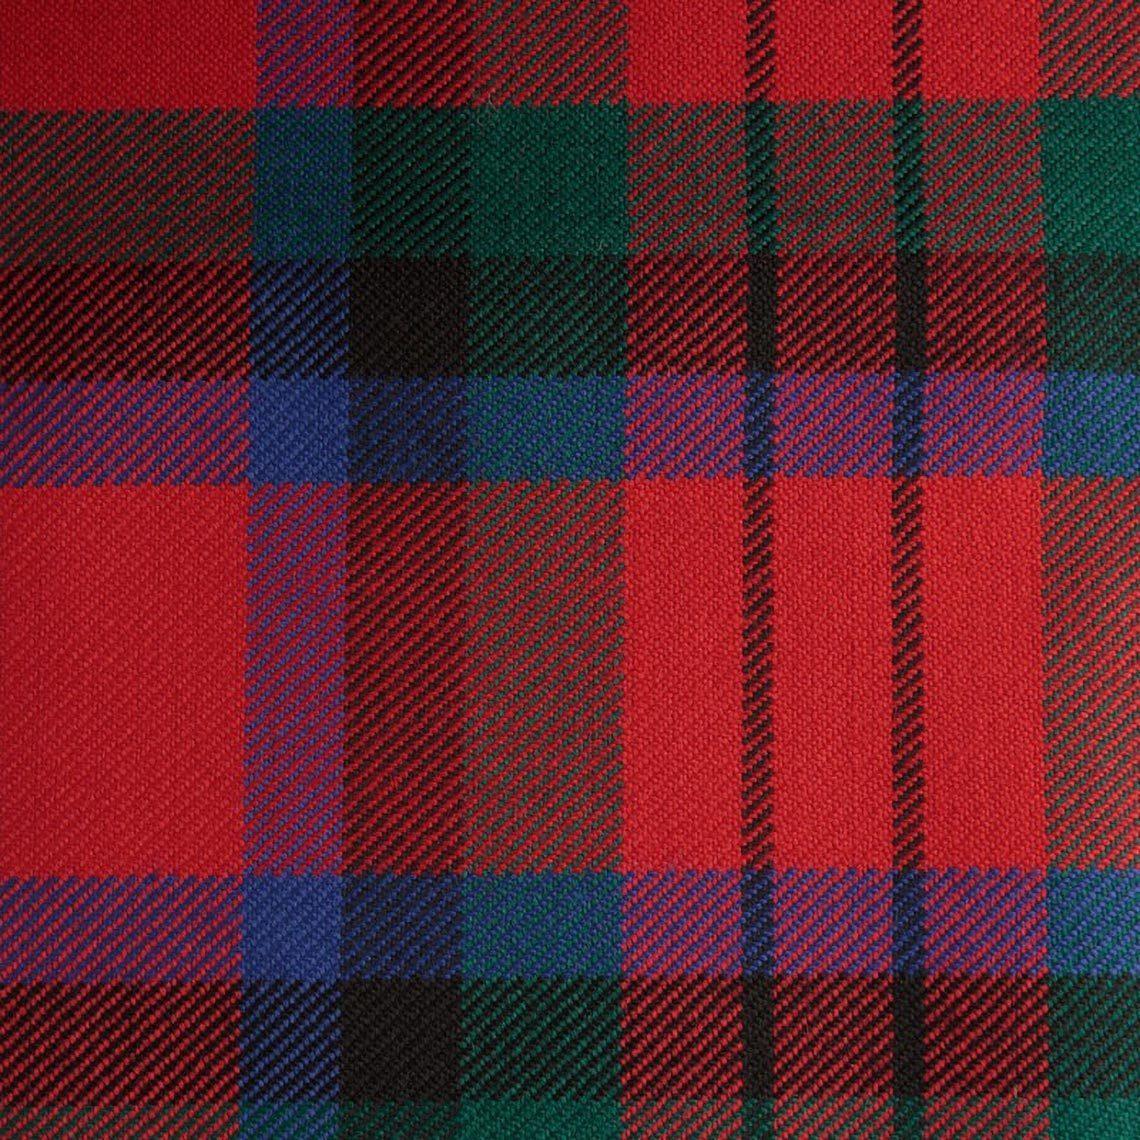 MacDuff Red (Modern) Kilt